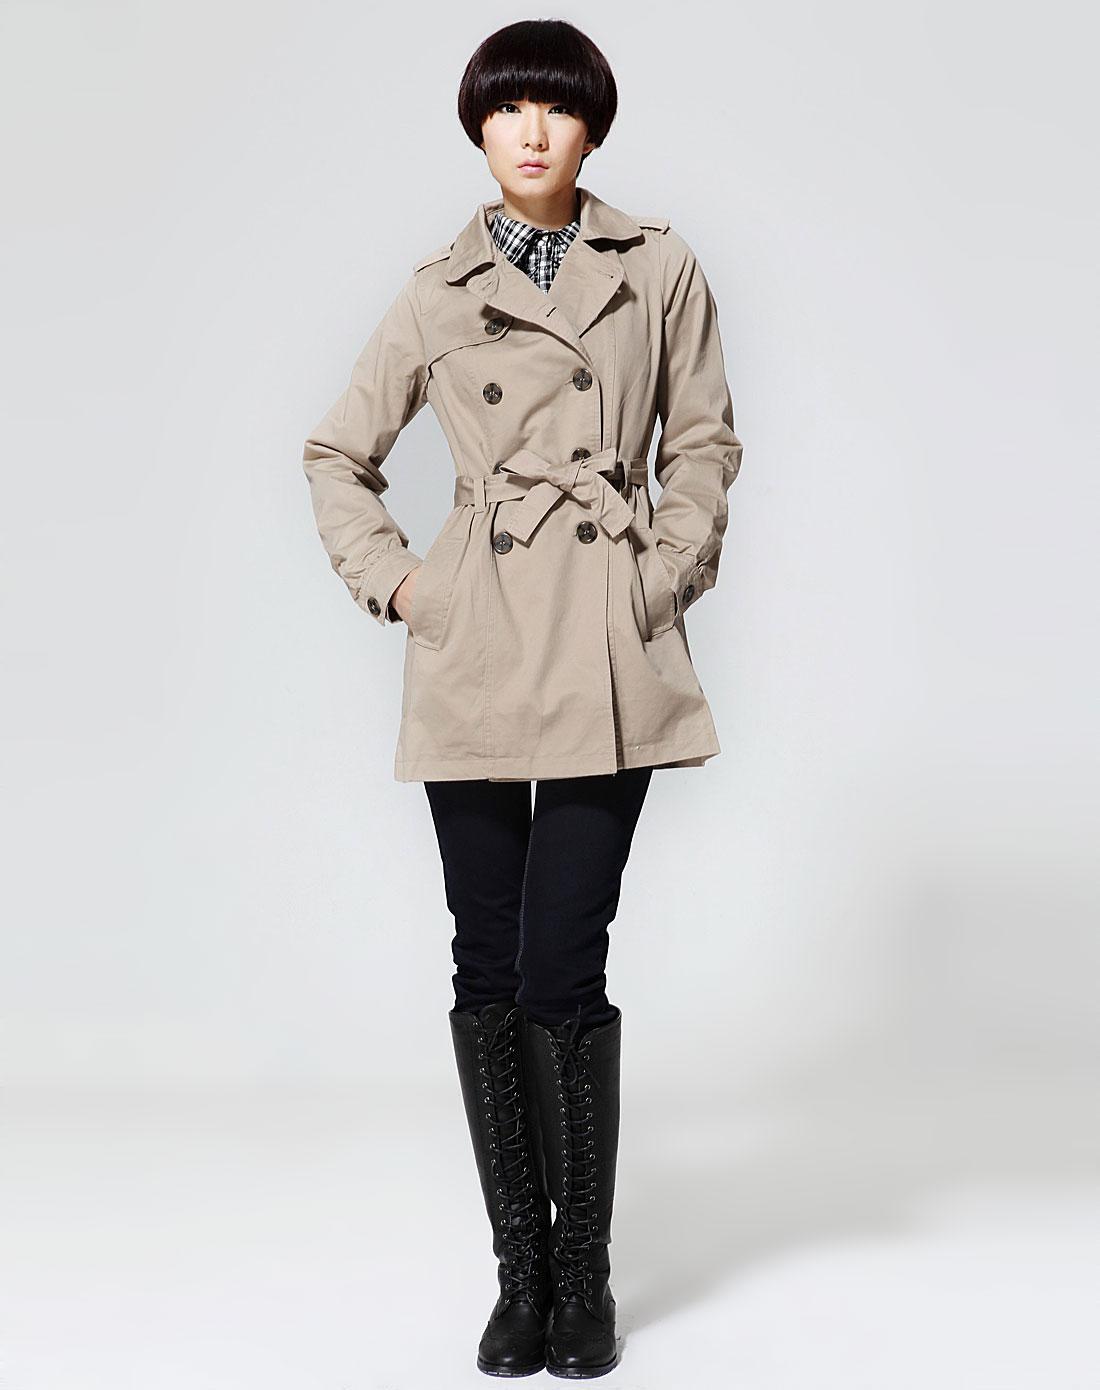 唐狮tonlion深卡其色双排扣休闲长款长袖外套